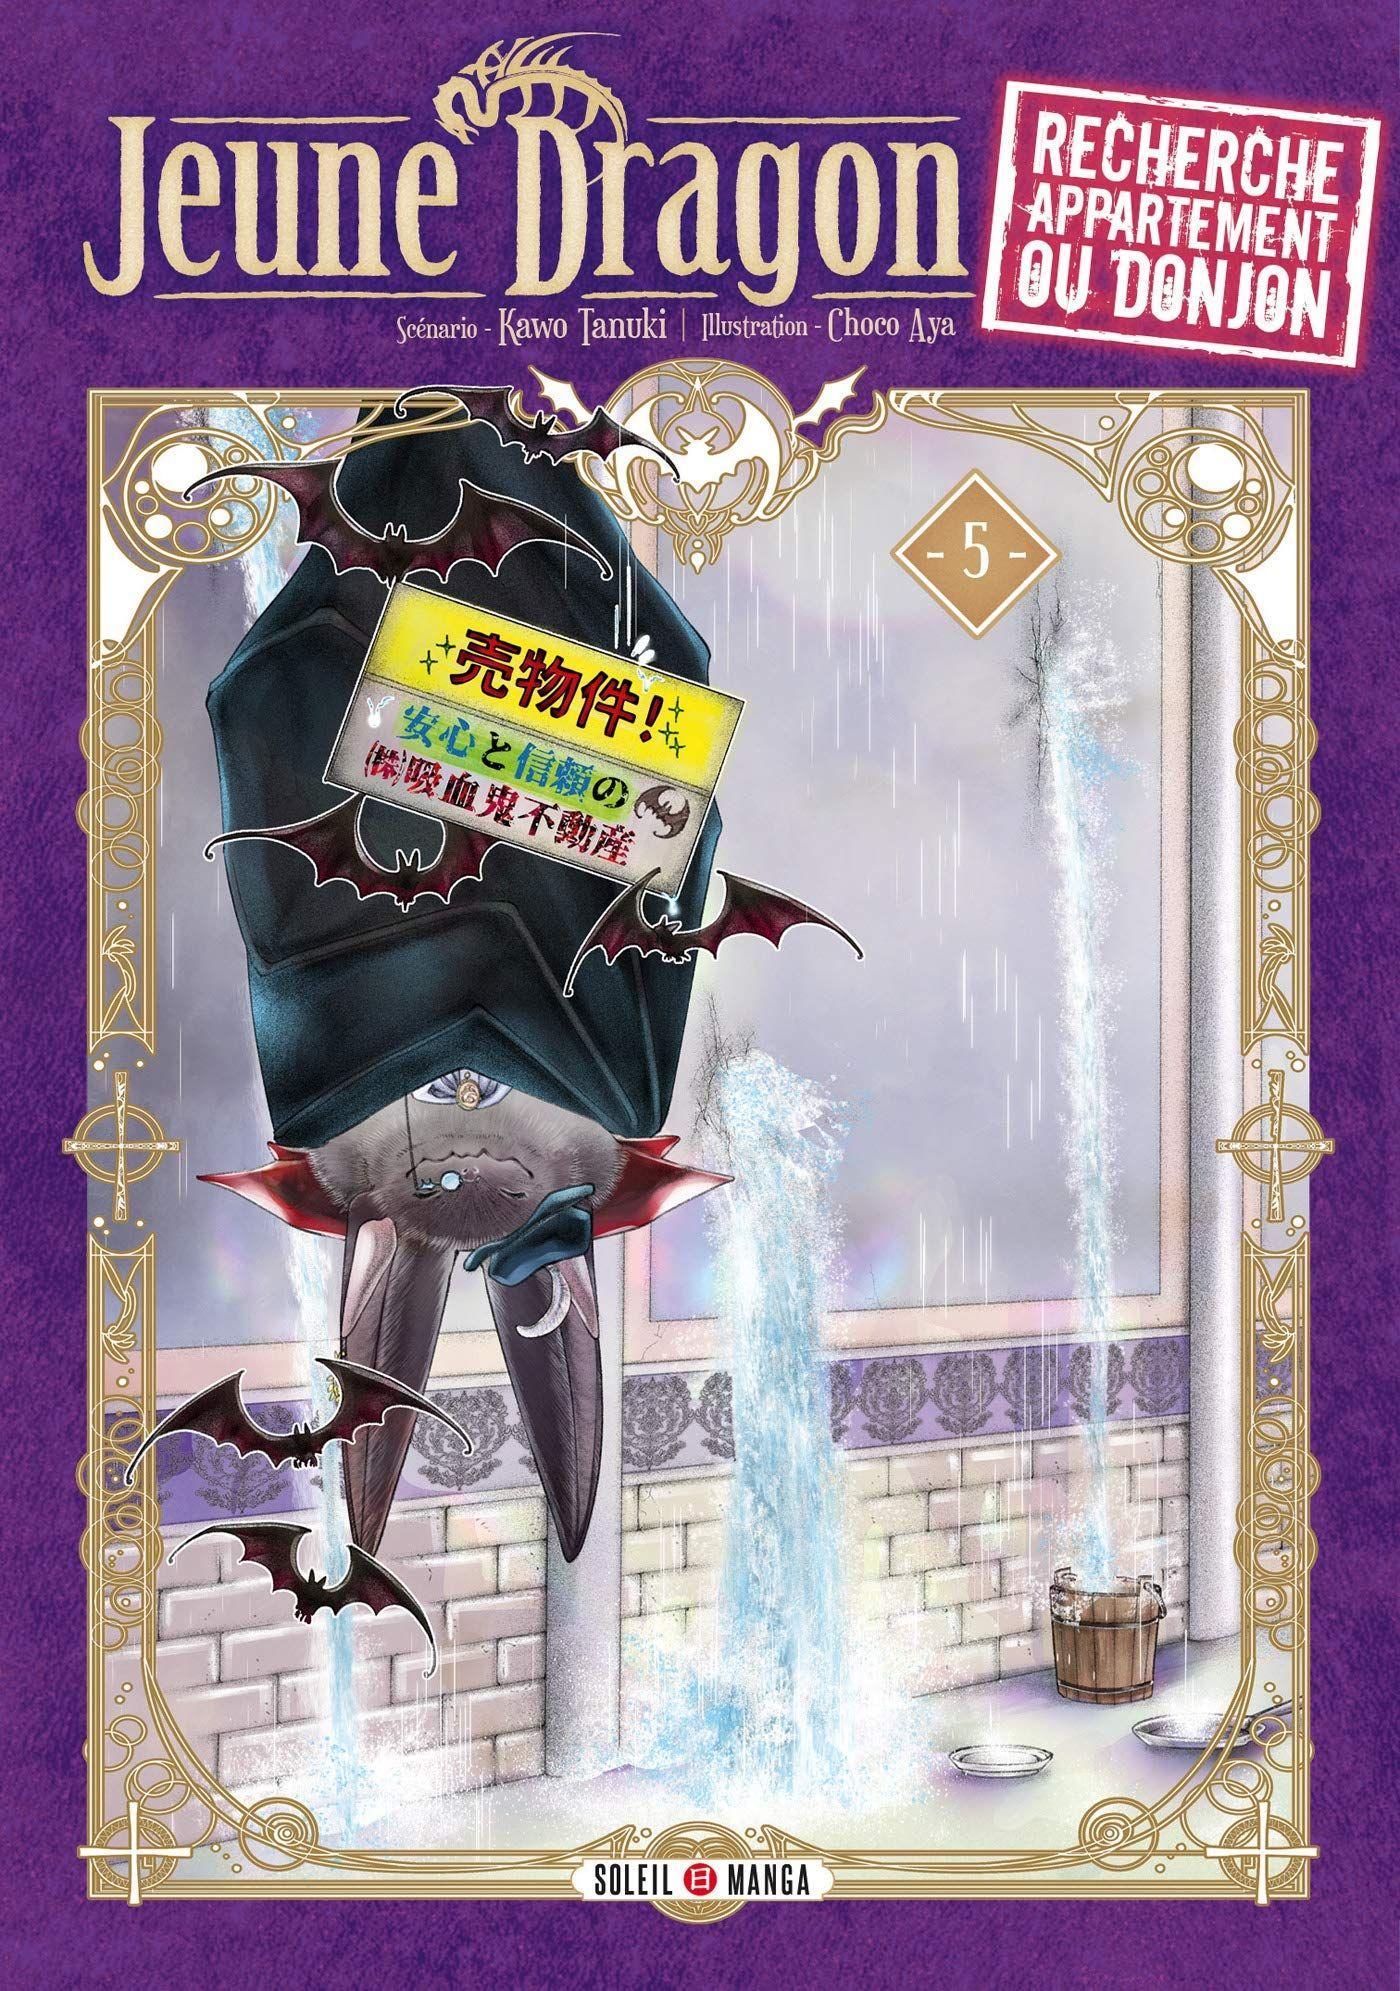 Sortie Manga au Québec JUIN 2021 Jeune-dragon-cherche-appartement-5-soleil